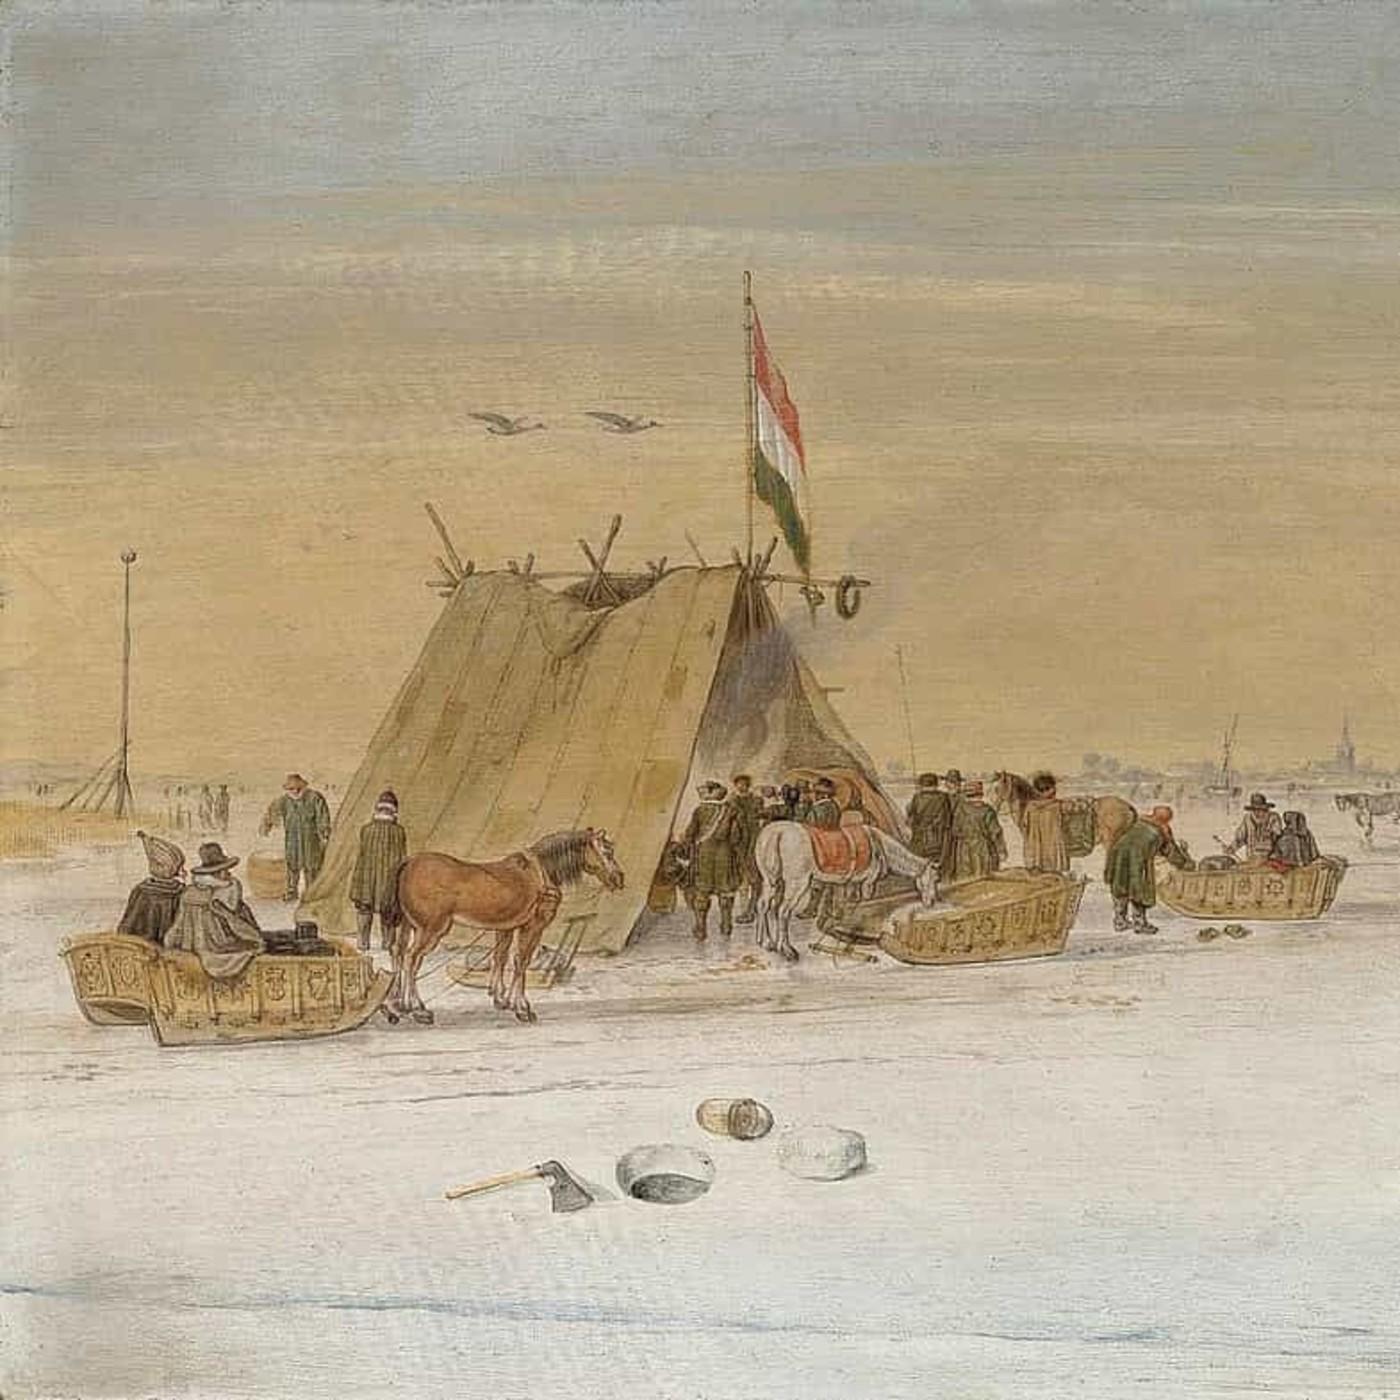 La misteriosa y más reciente Edad del Hielo